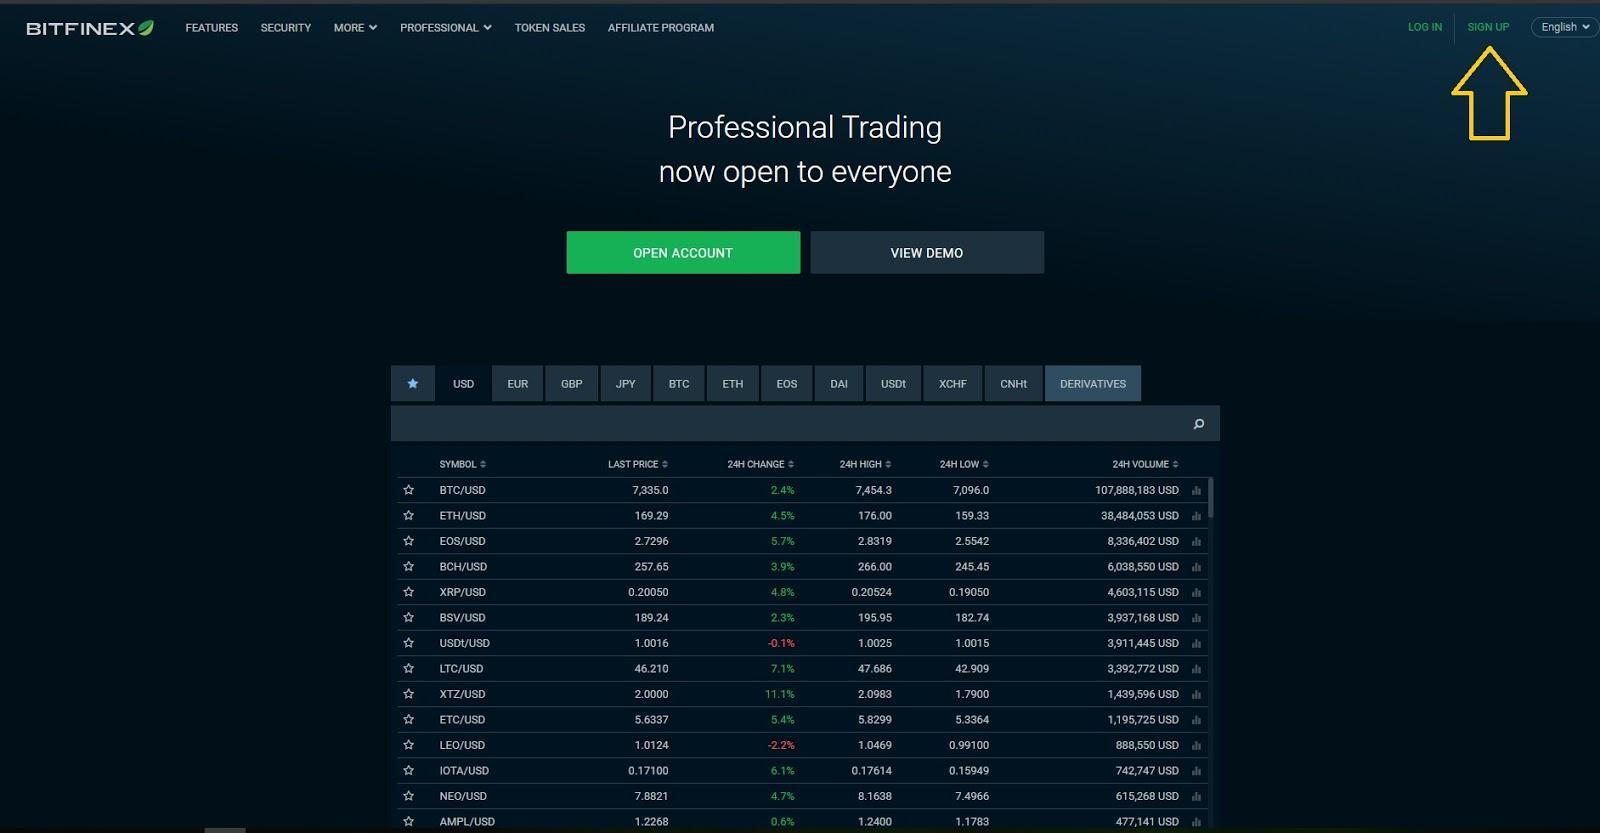 Hướng dẫn đăng ký tài khoản sàn Bitfinex